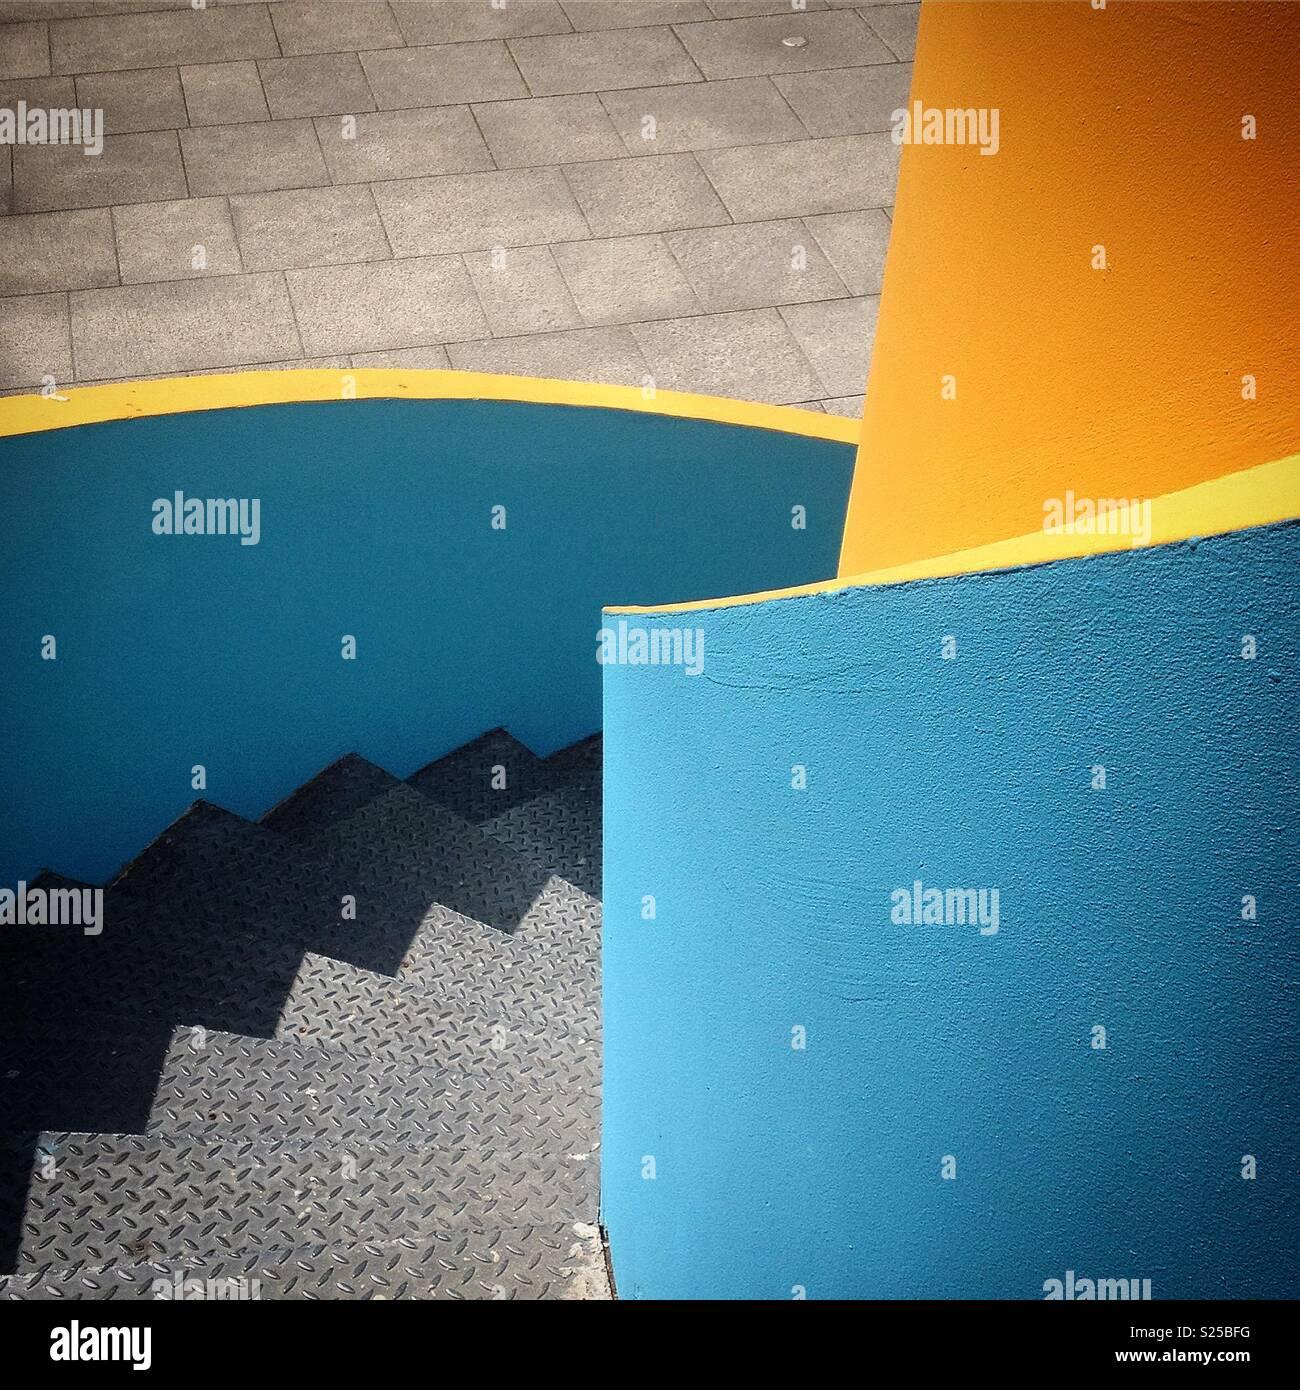 Etapas de metal pintado de azul com amarelo e parede de concreto Imagens de Stock